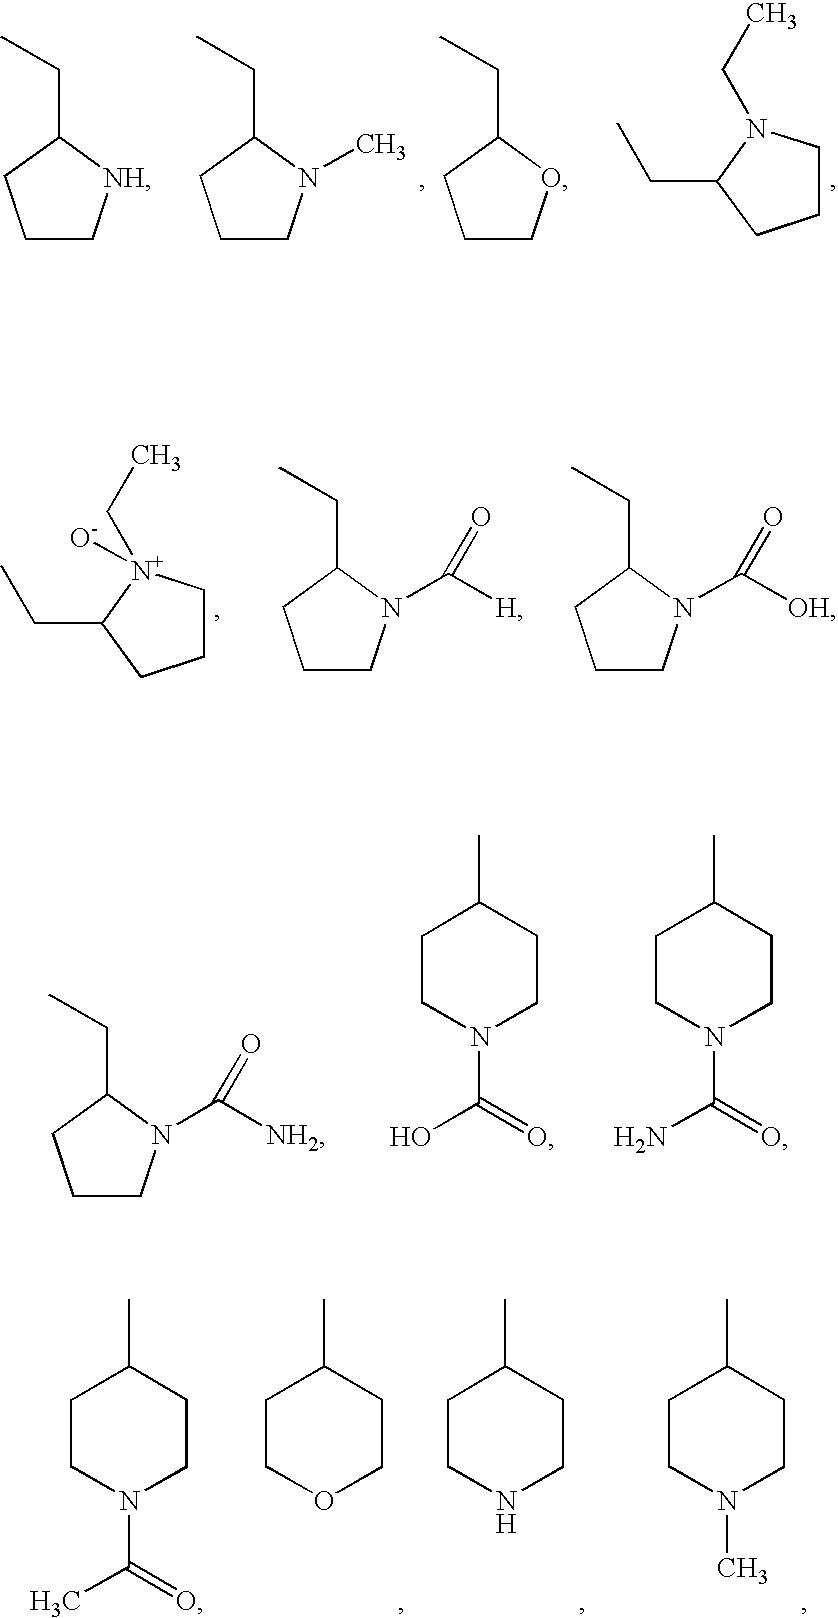 Figure US07112587-20060926-C00066